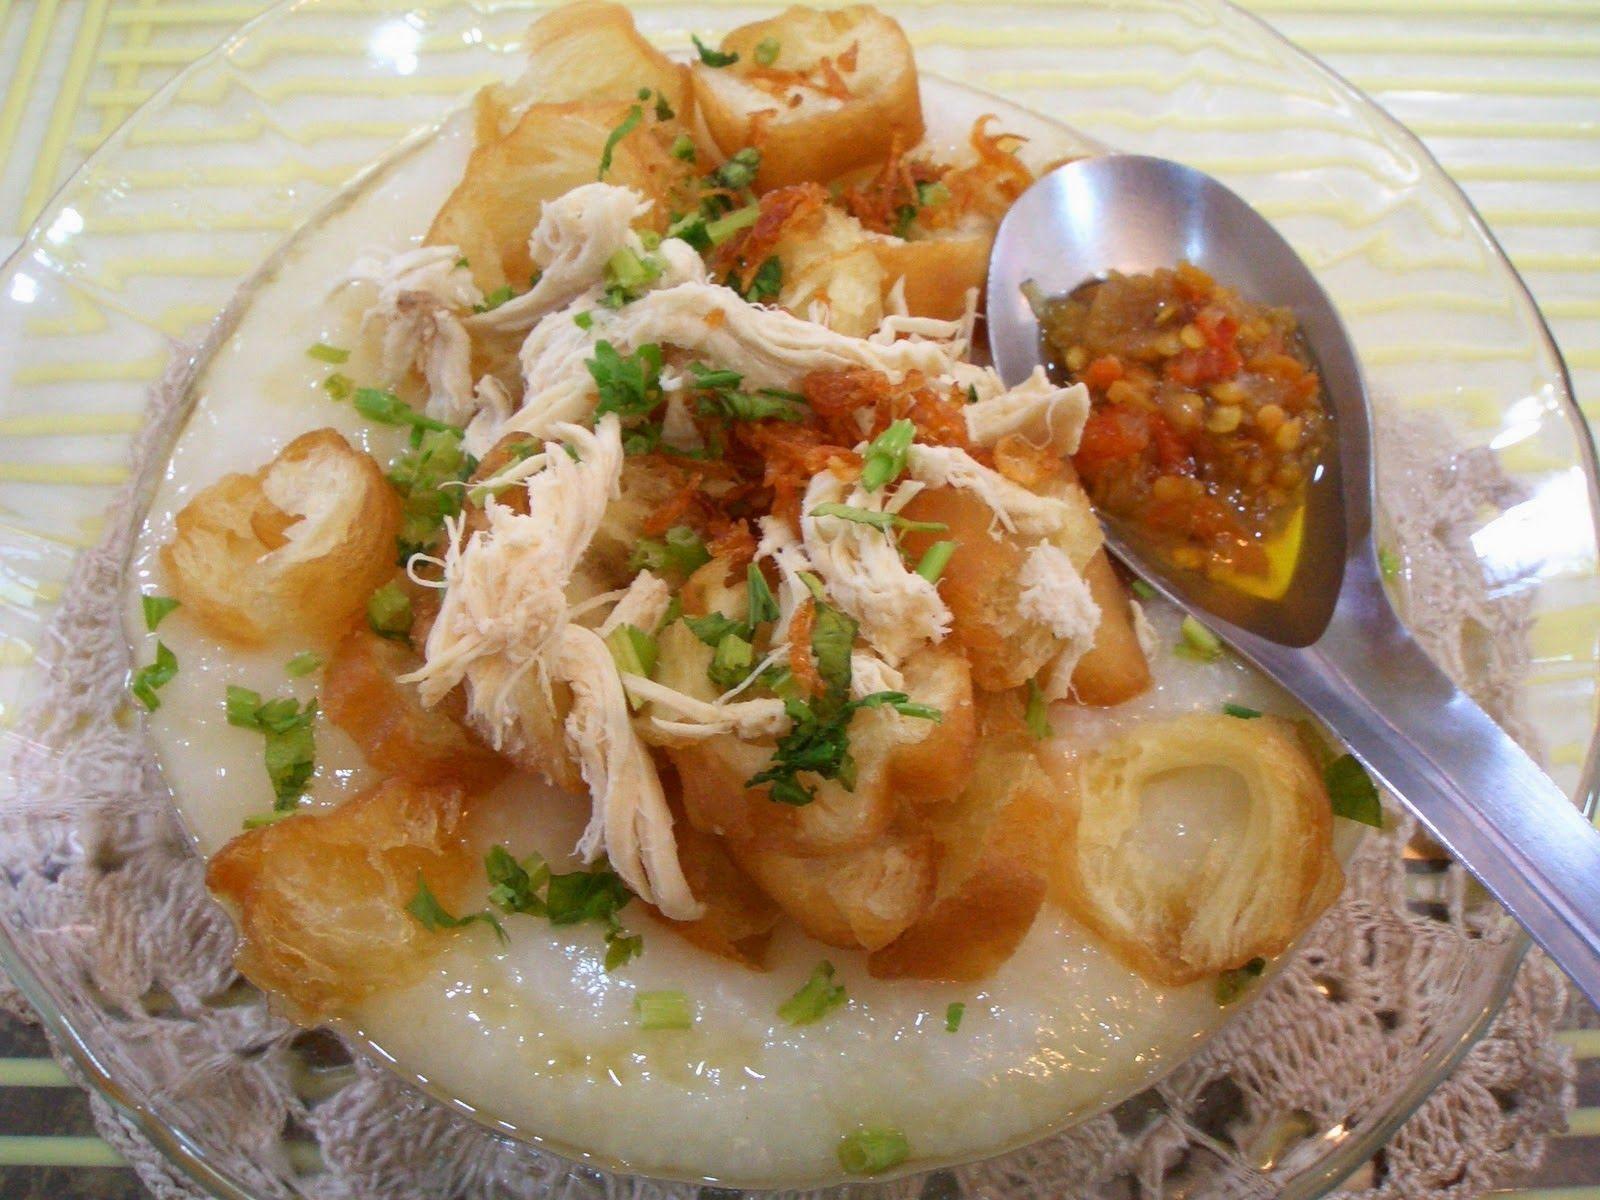 Resep Membuat Bubur Ayam Resep Masakan Resep Masakan Indonesia Masakan Indonesia